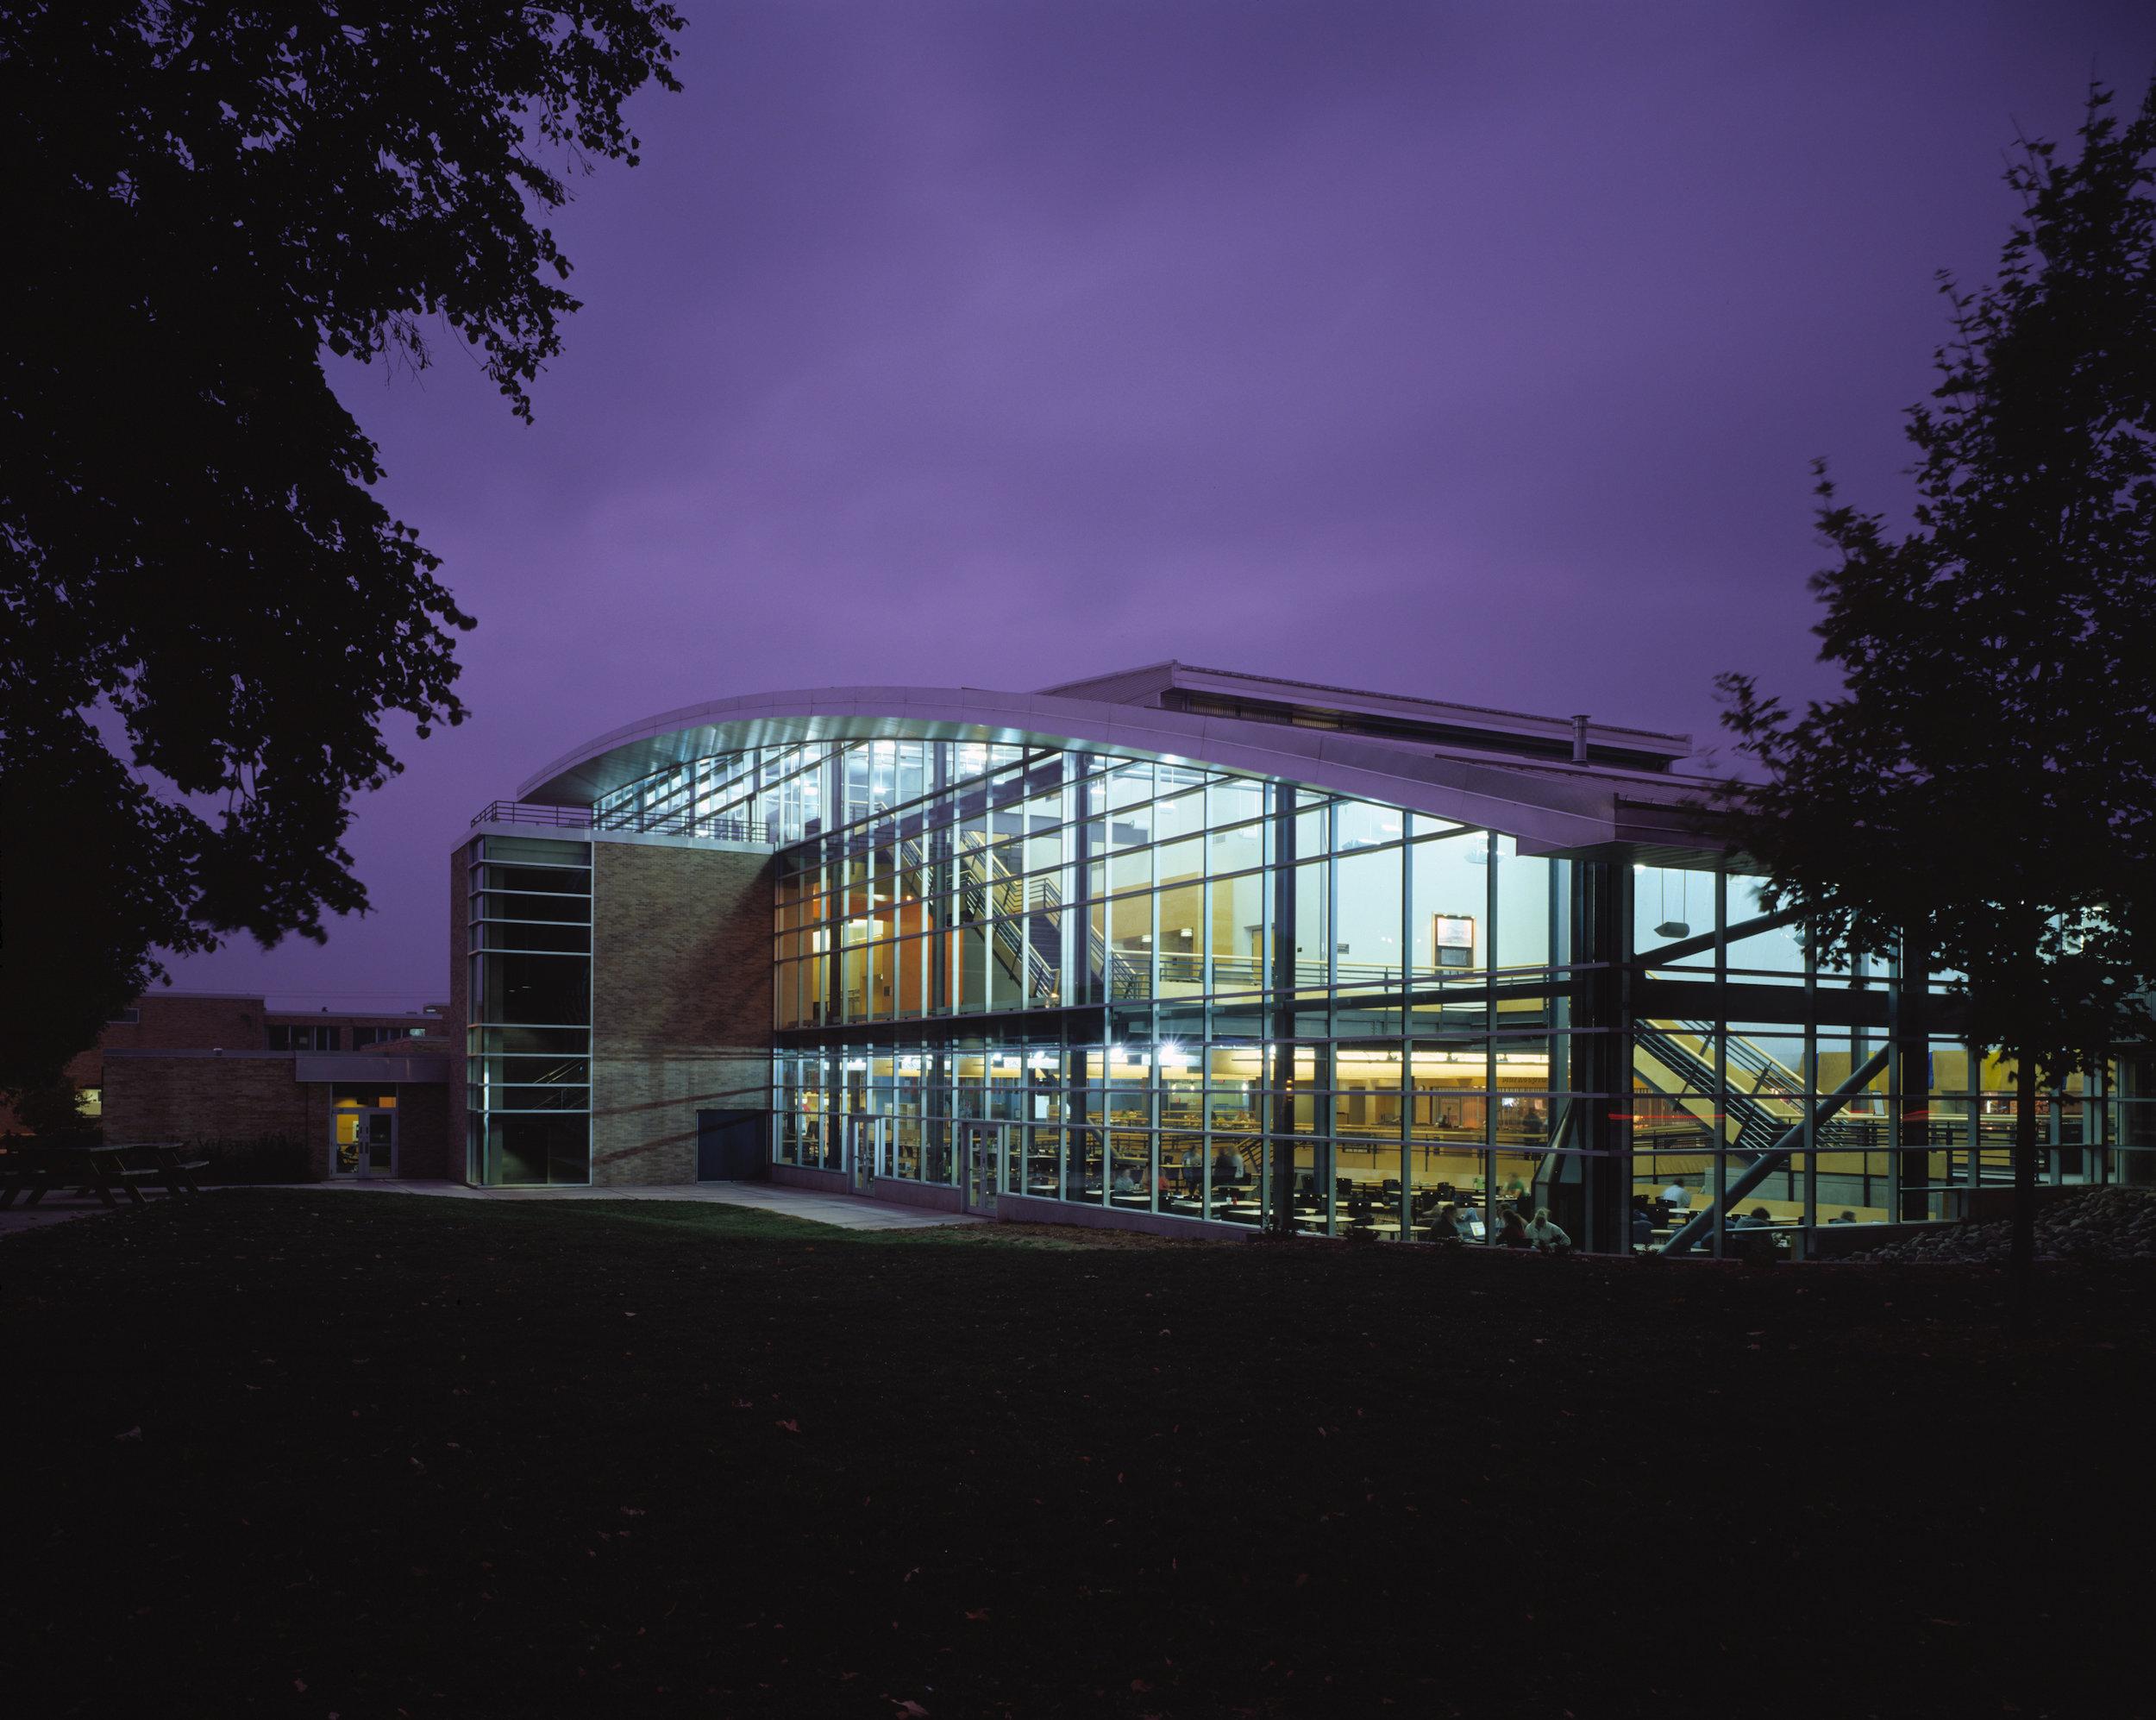 University of Wisconsin – Oshkosh Reeve Union